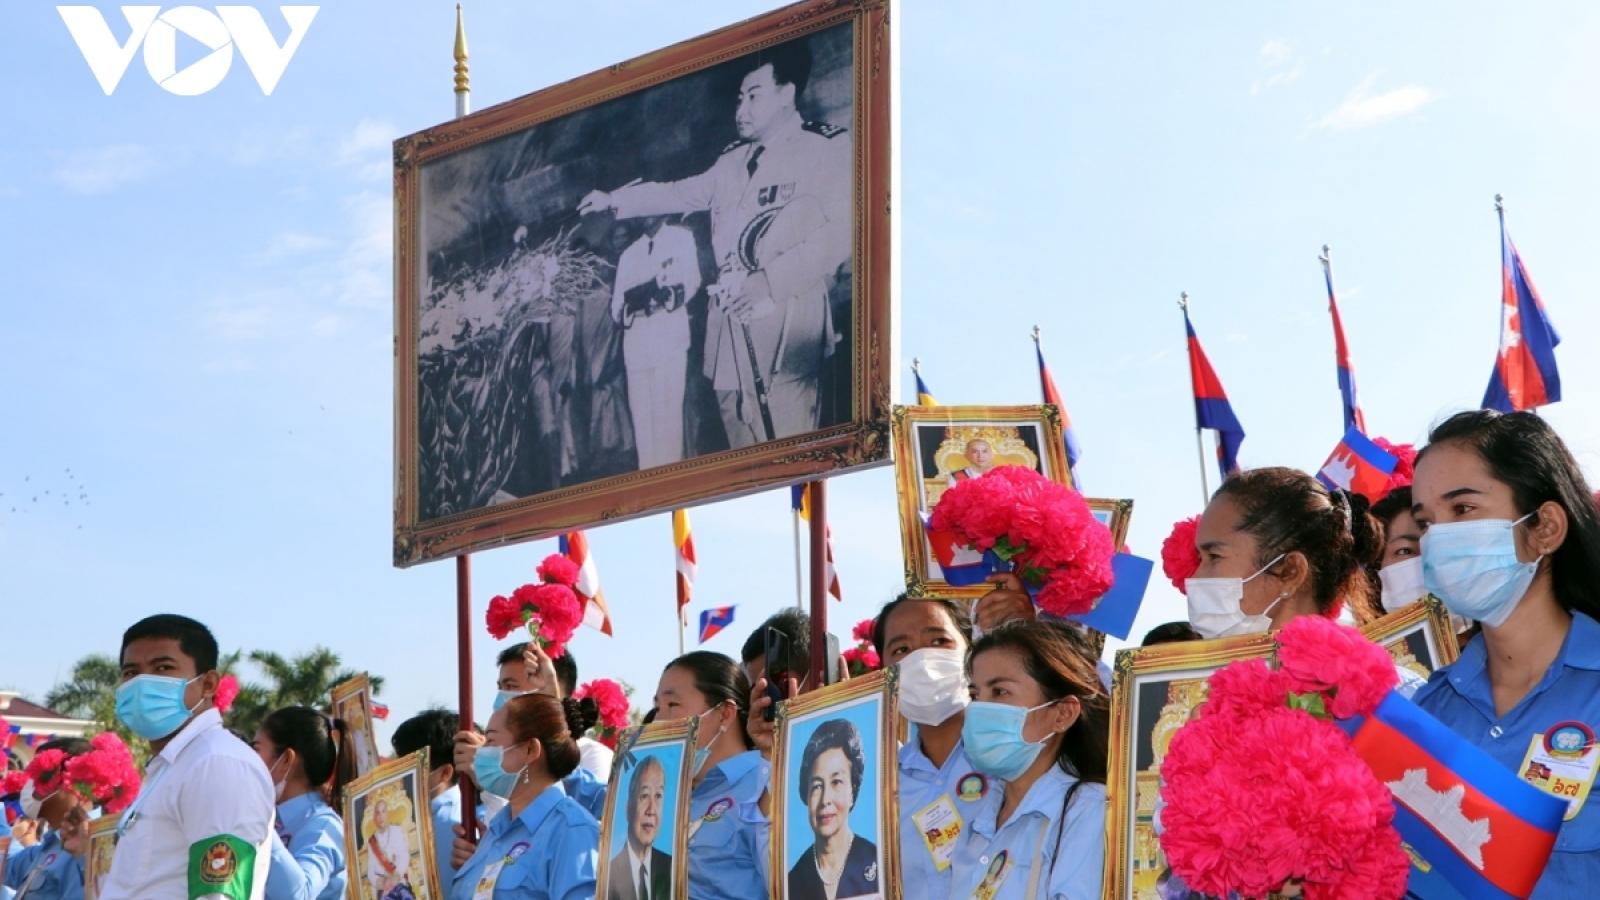 Lãnh đạo Việt Nam chúc mừng kỷ niệm 67 năm quốc khánh Campuchia